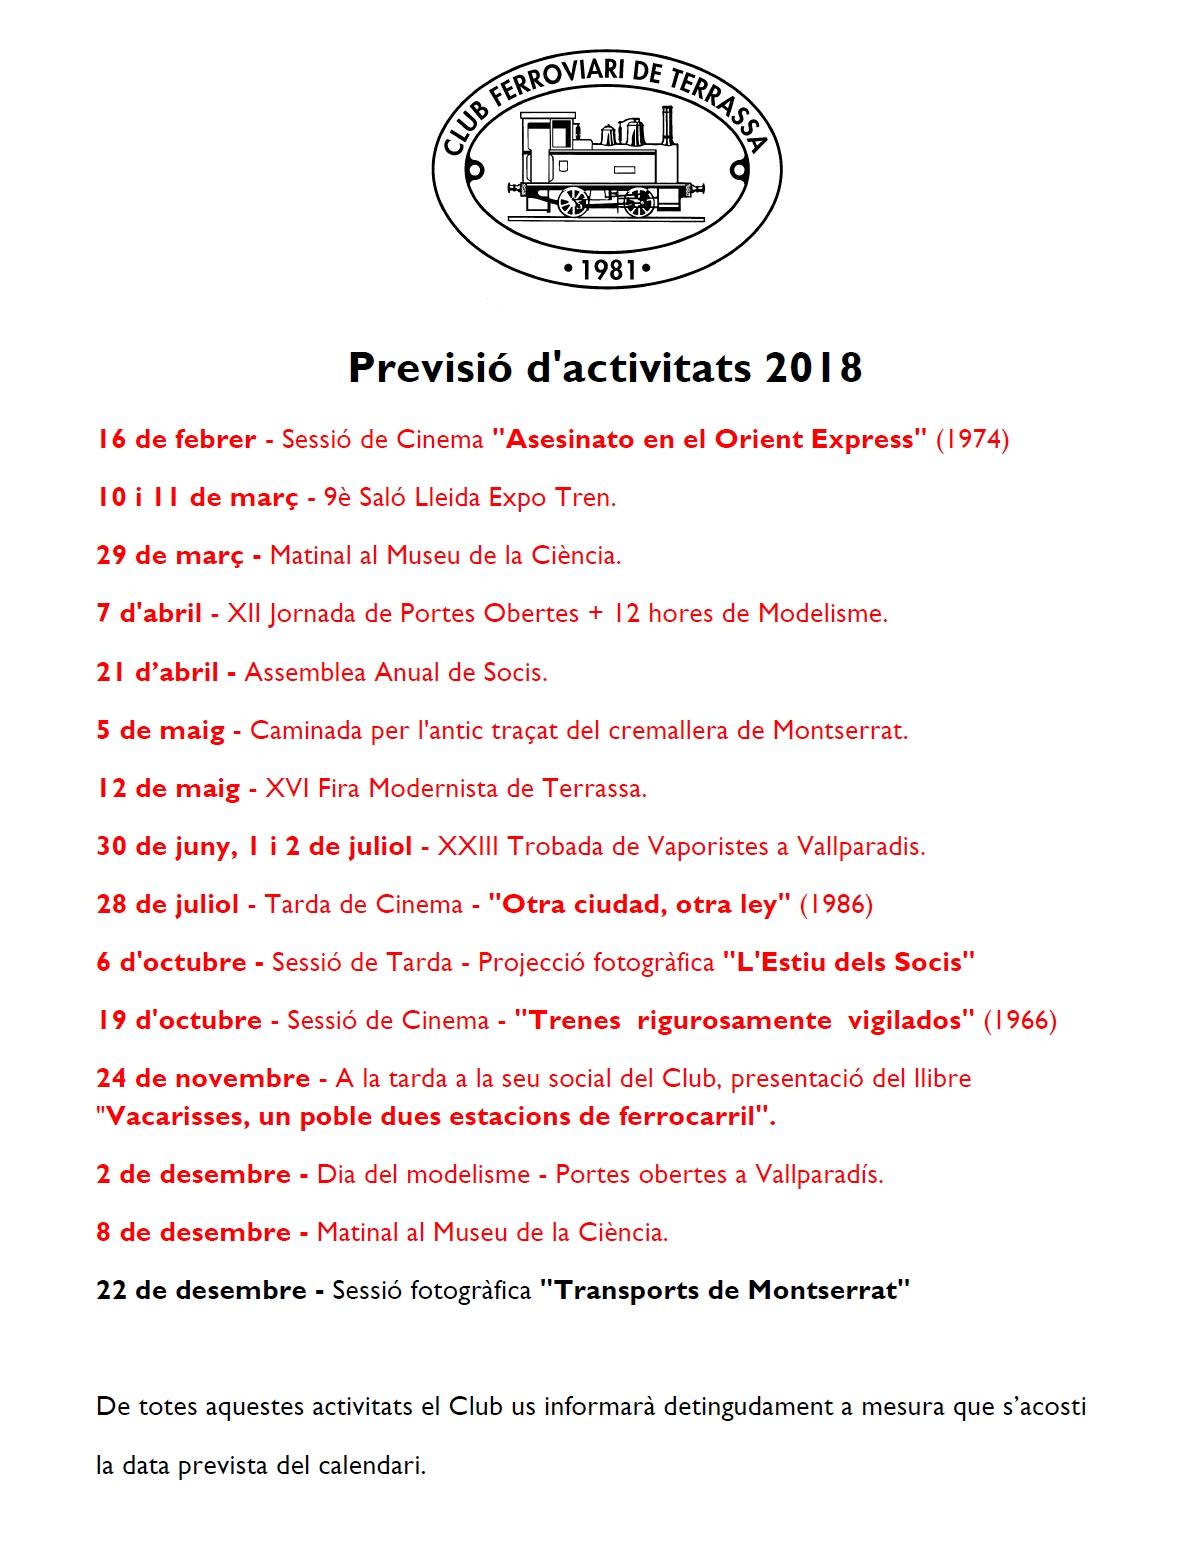 Darrera actualització de l'any de la Previsió d'Activitats  11-DES-2018